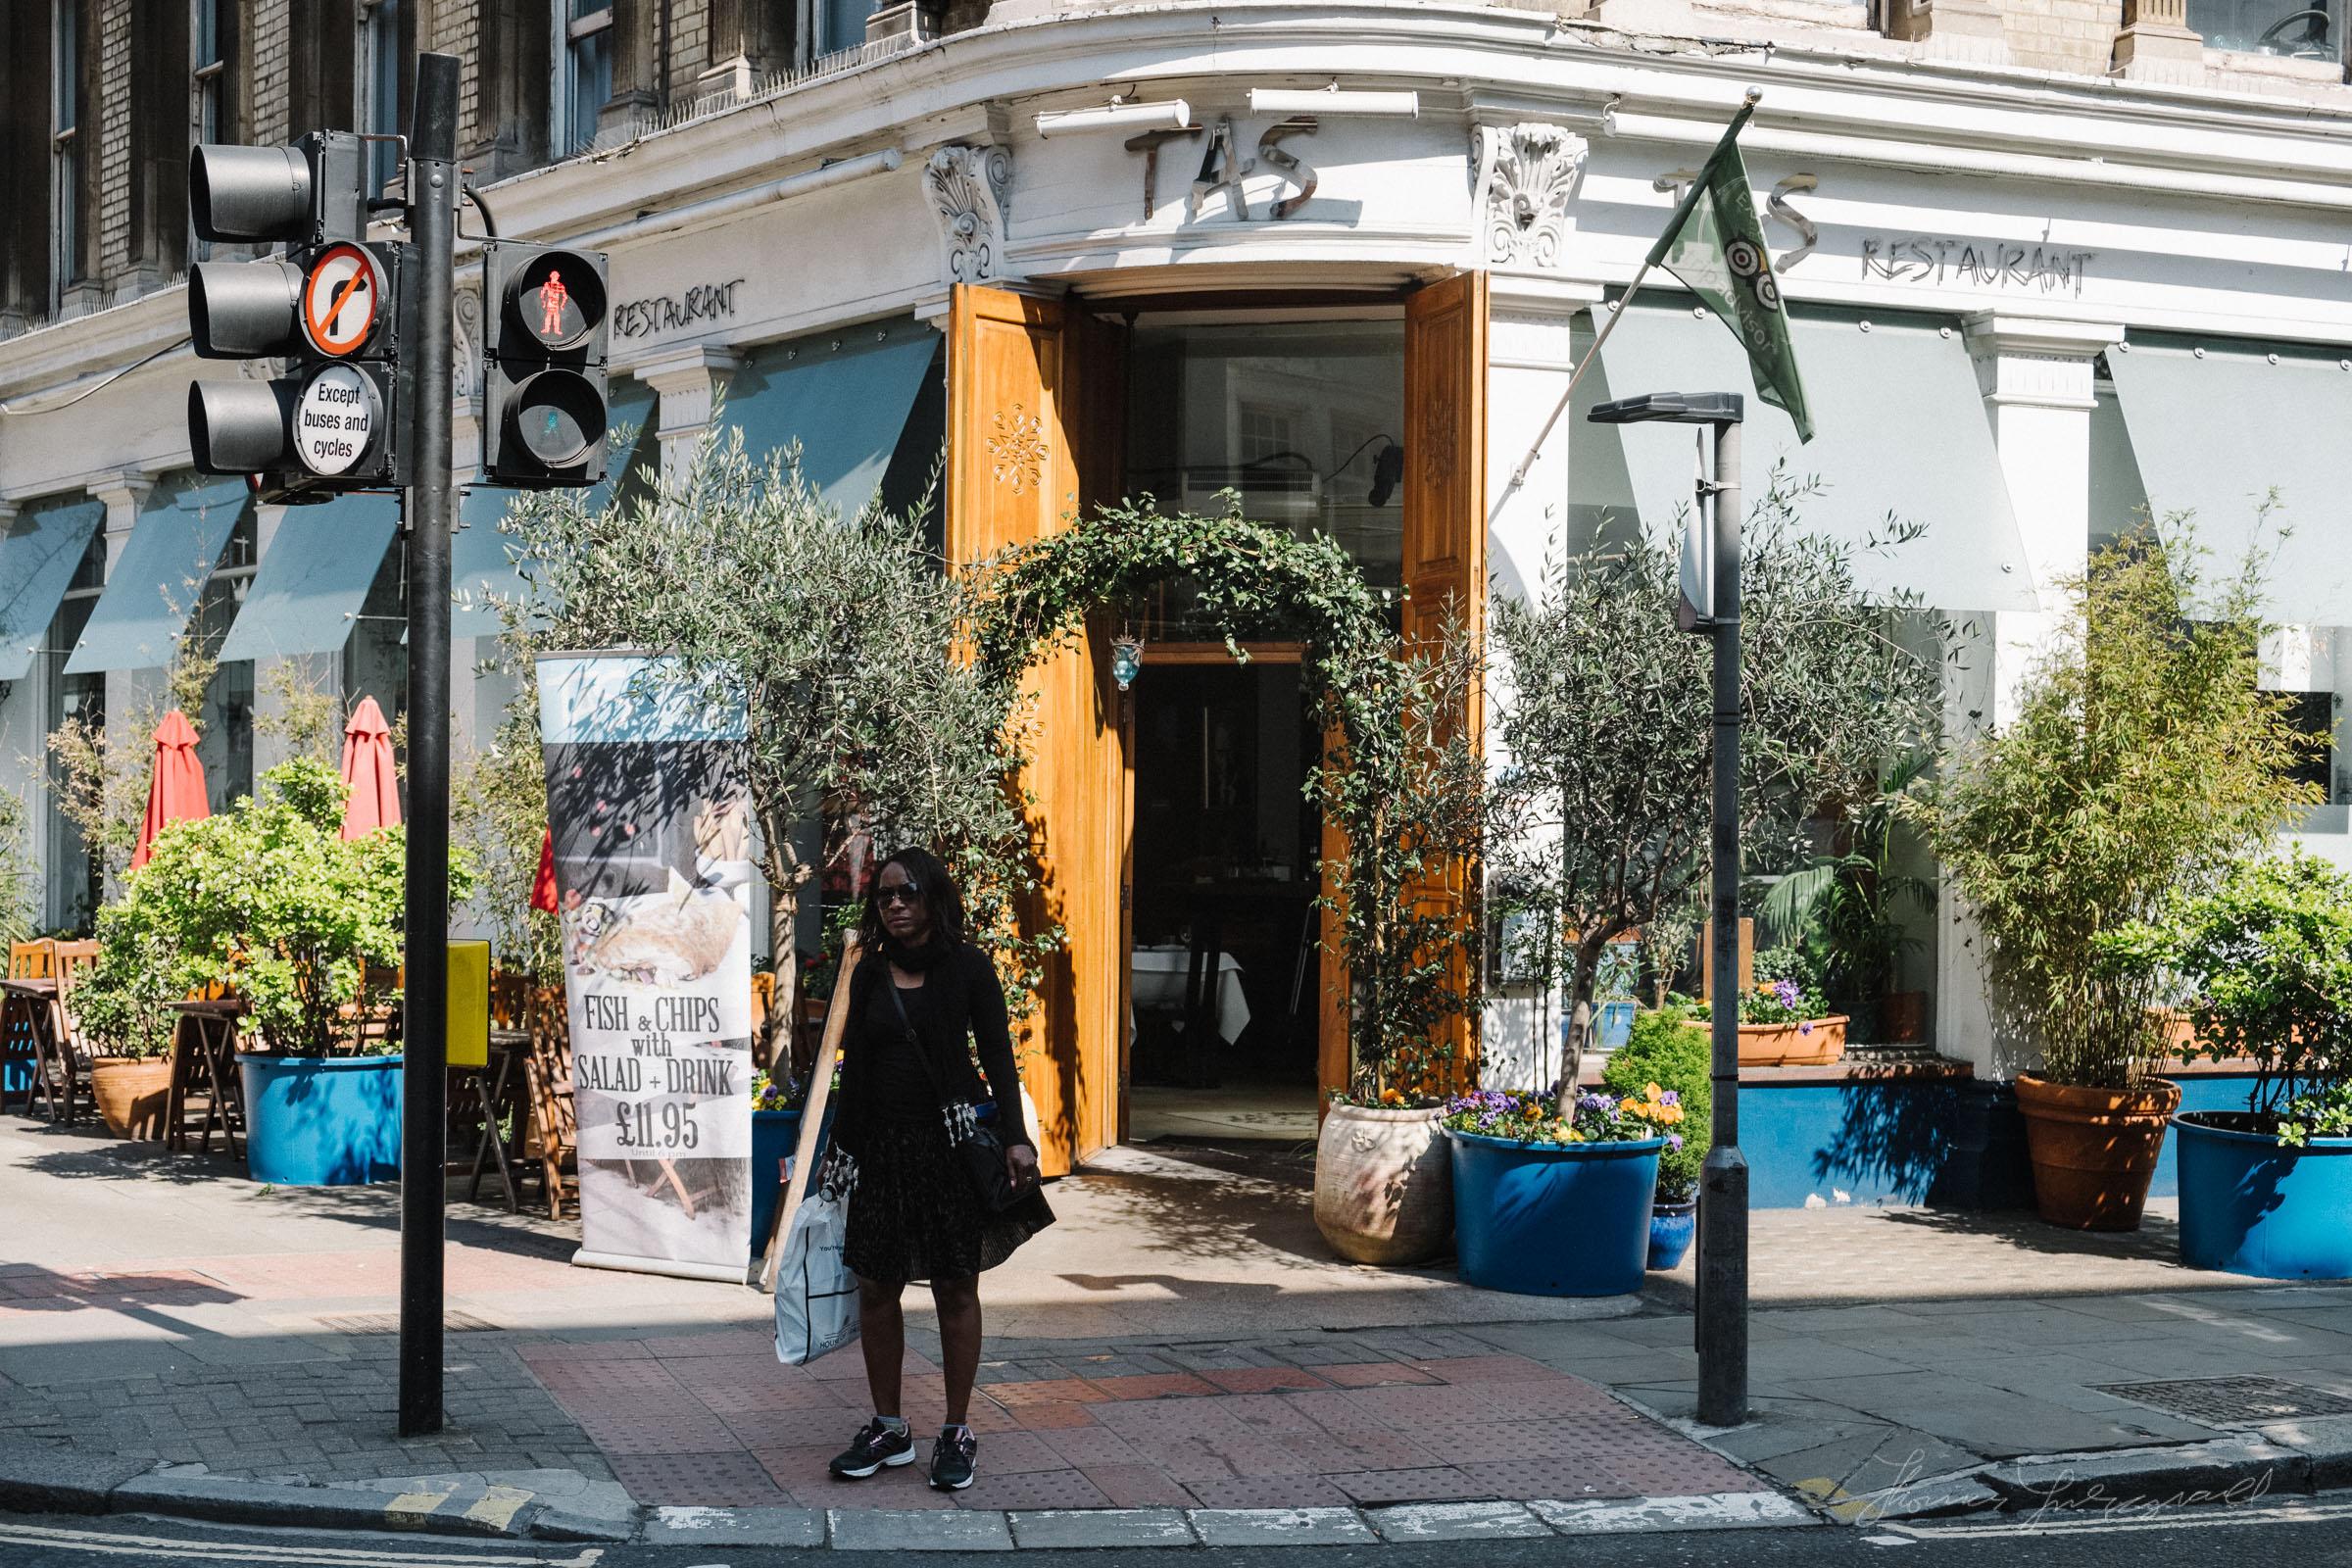 Fancy shop front in London